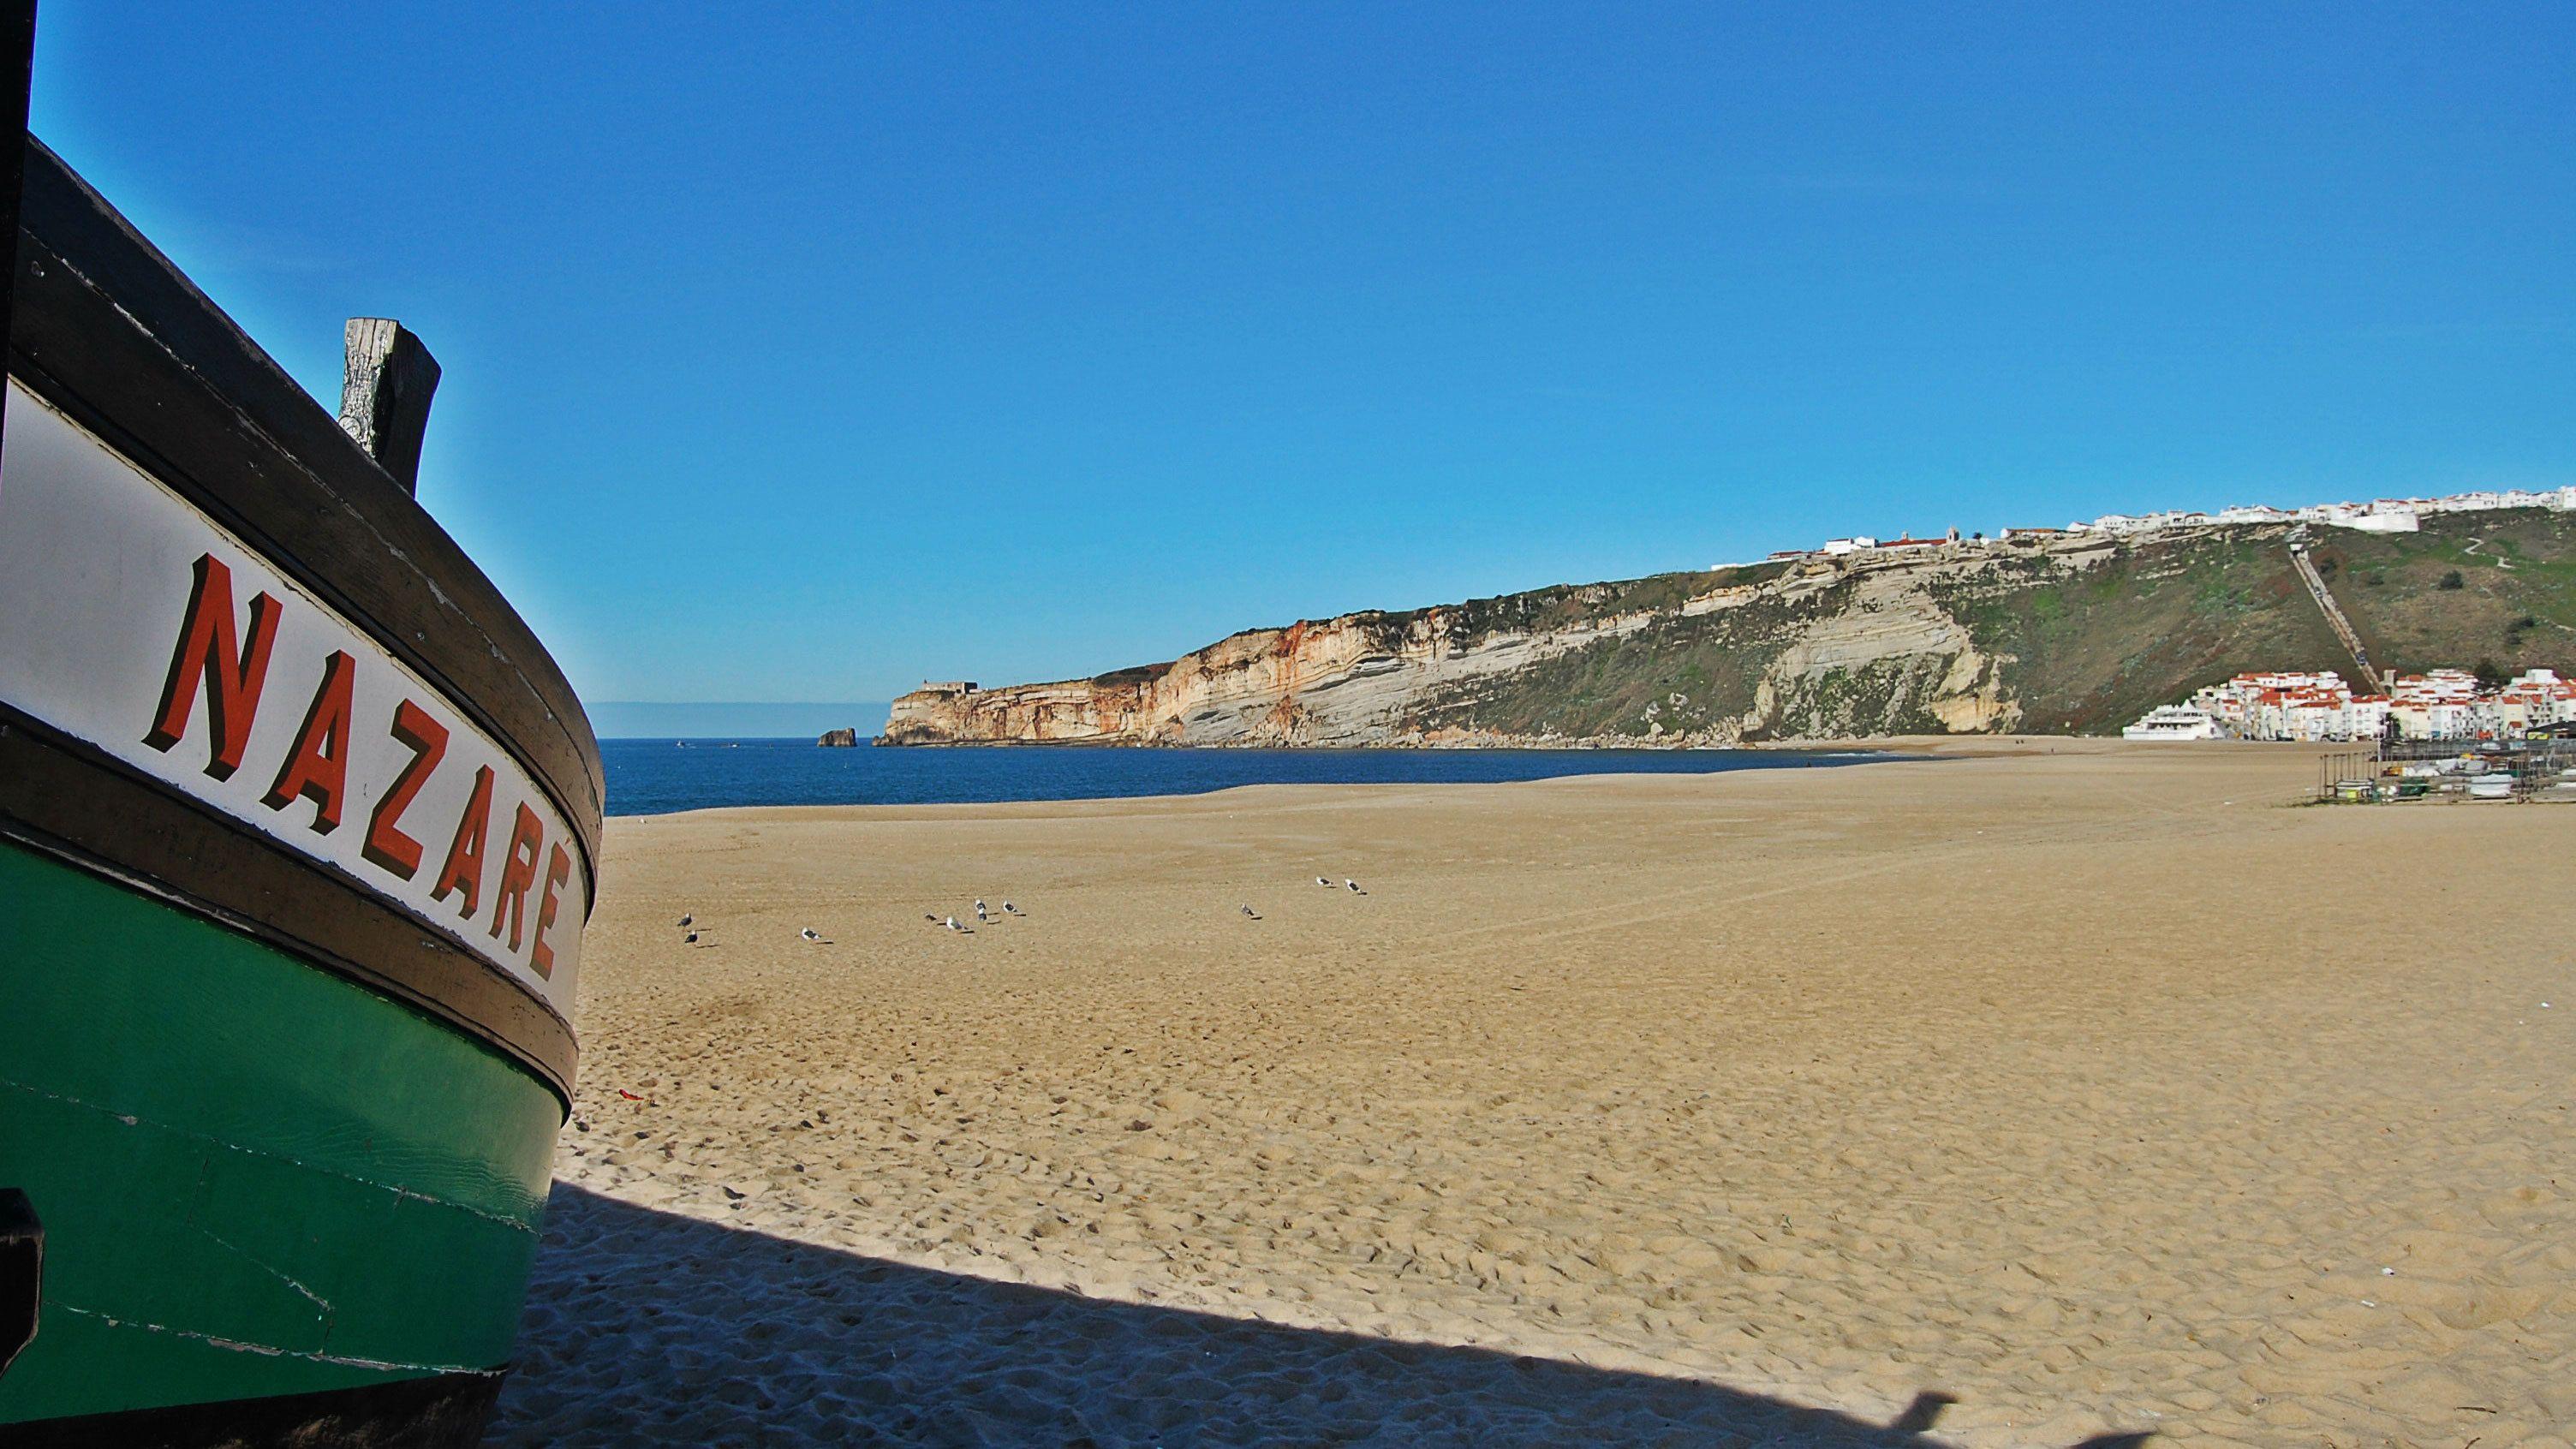 Beach in Nazare, Portugal